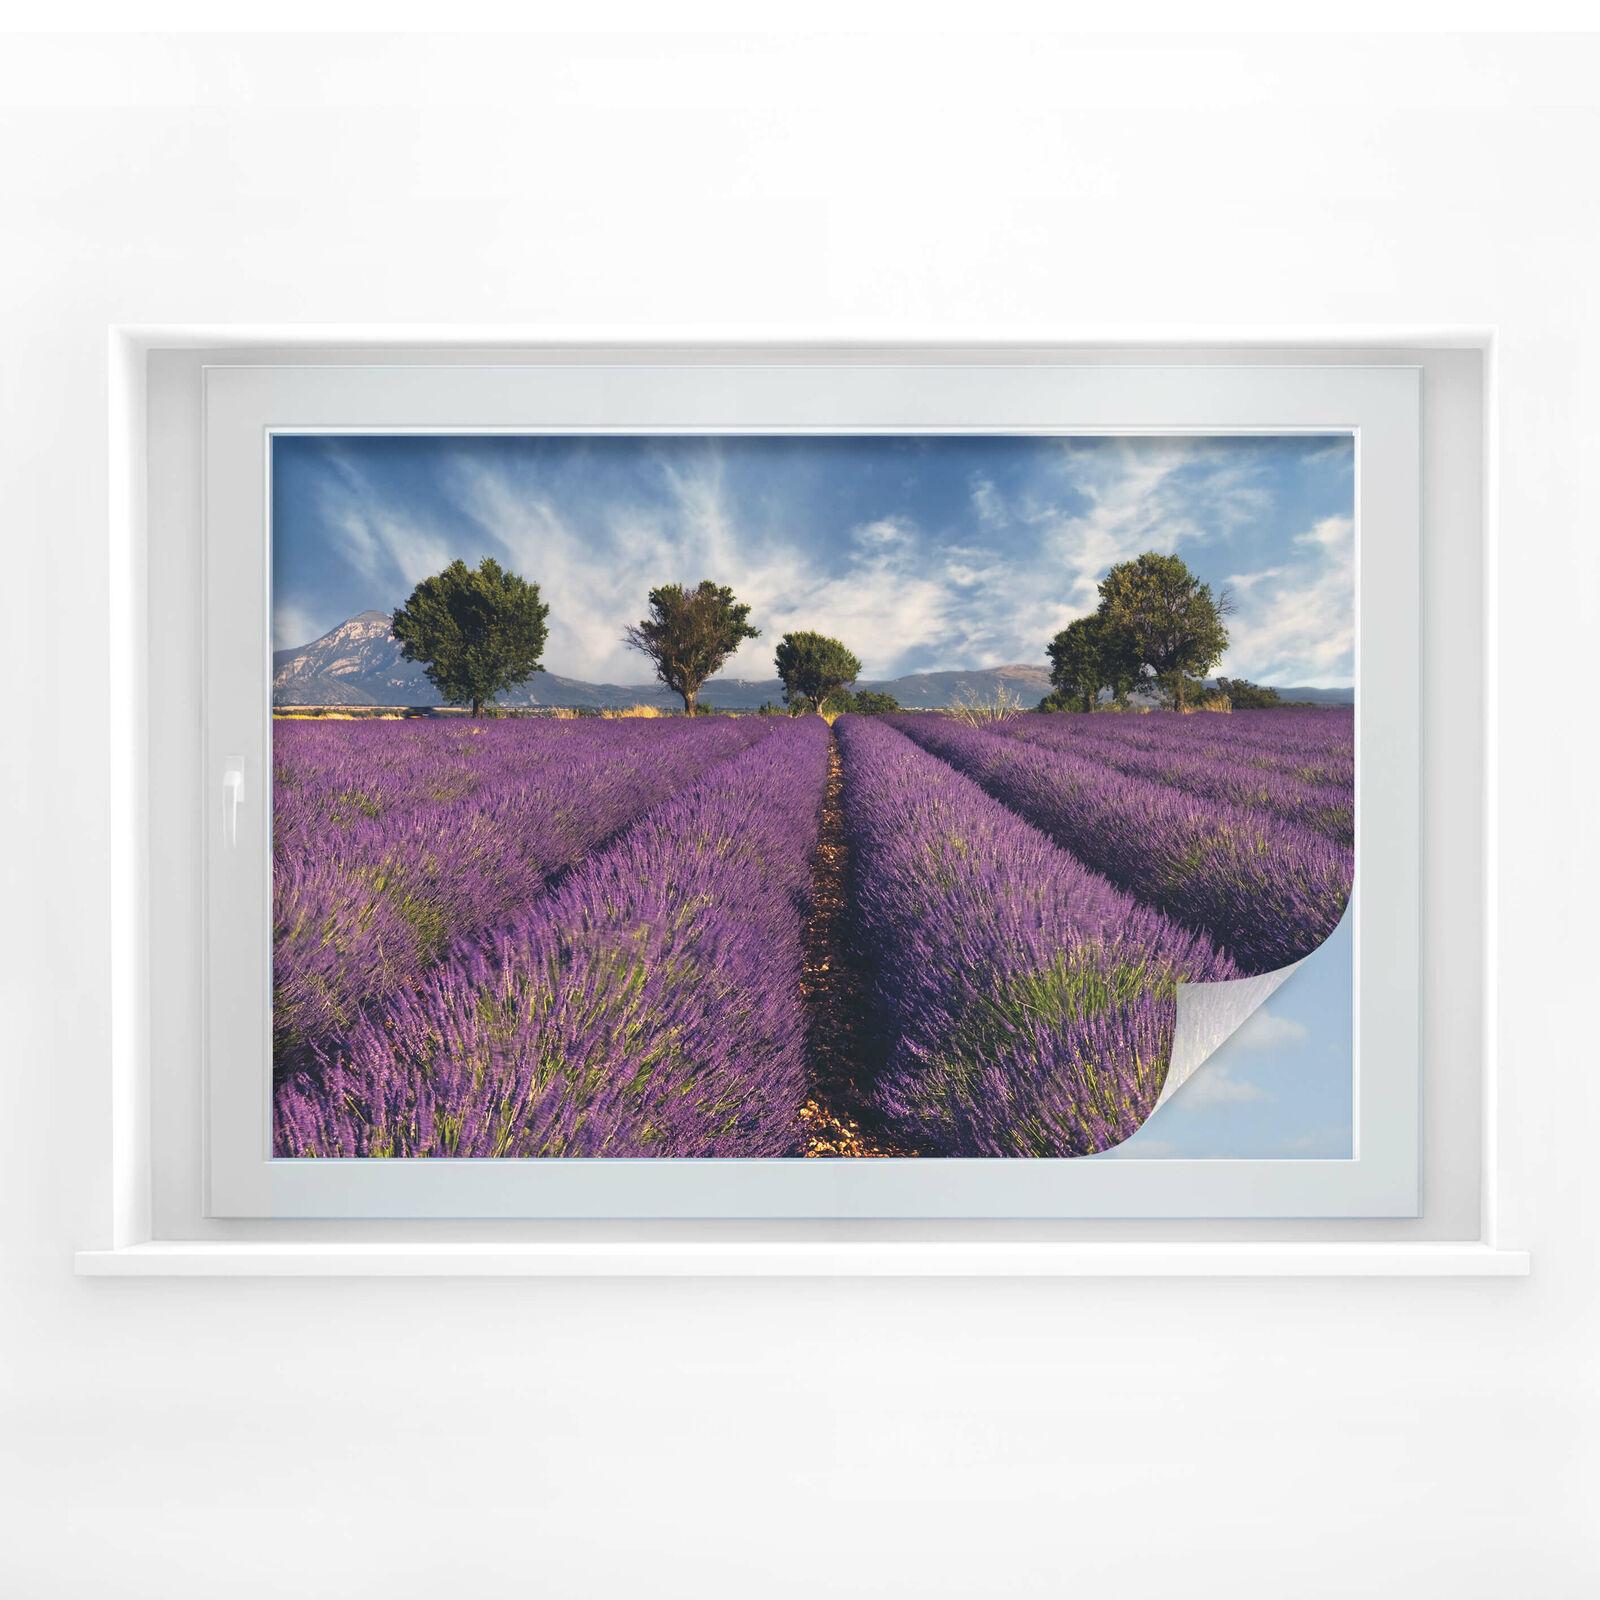 Sichtschutzfolie Lavendelfeld | Hervorragende Eigenschaften  Eigenschaften  Eigenschaften  c7126b